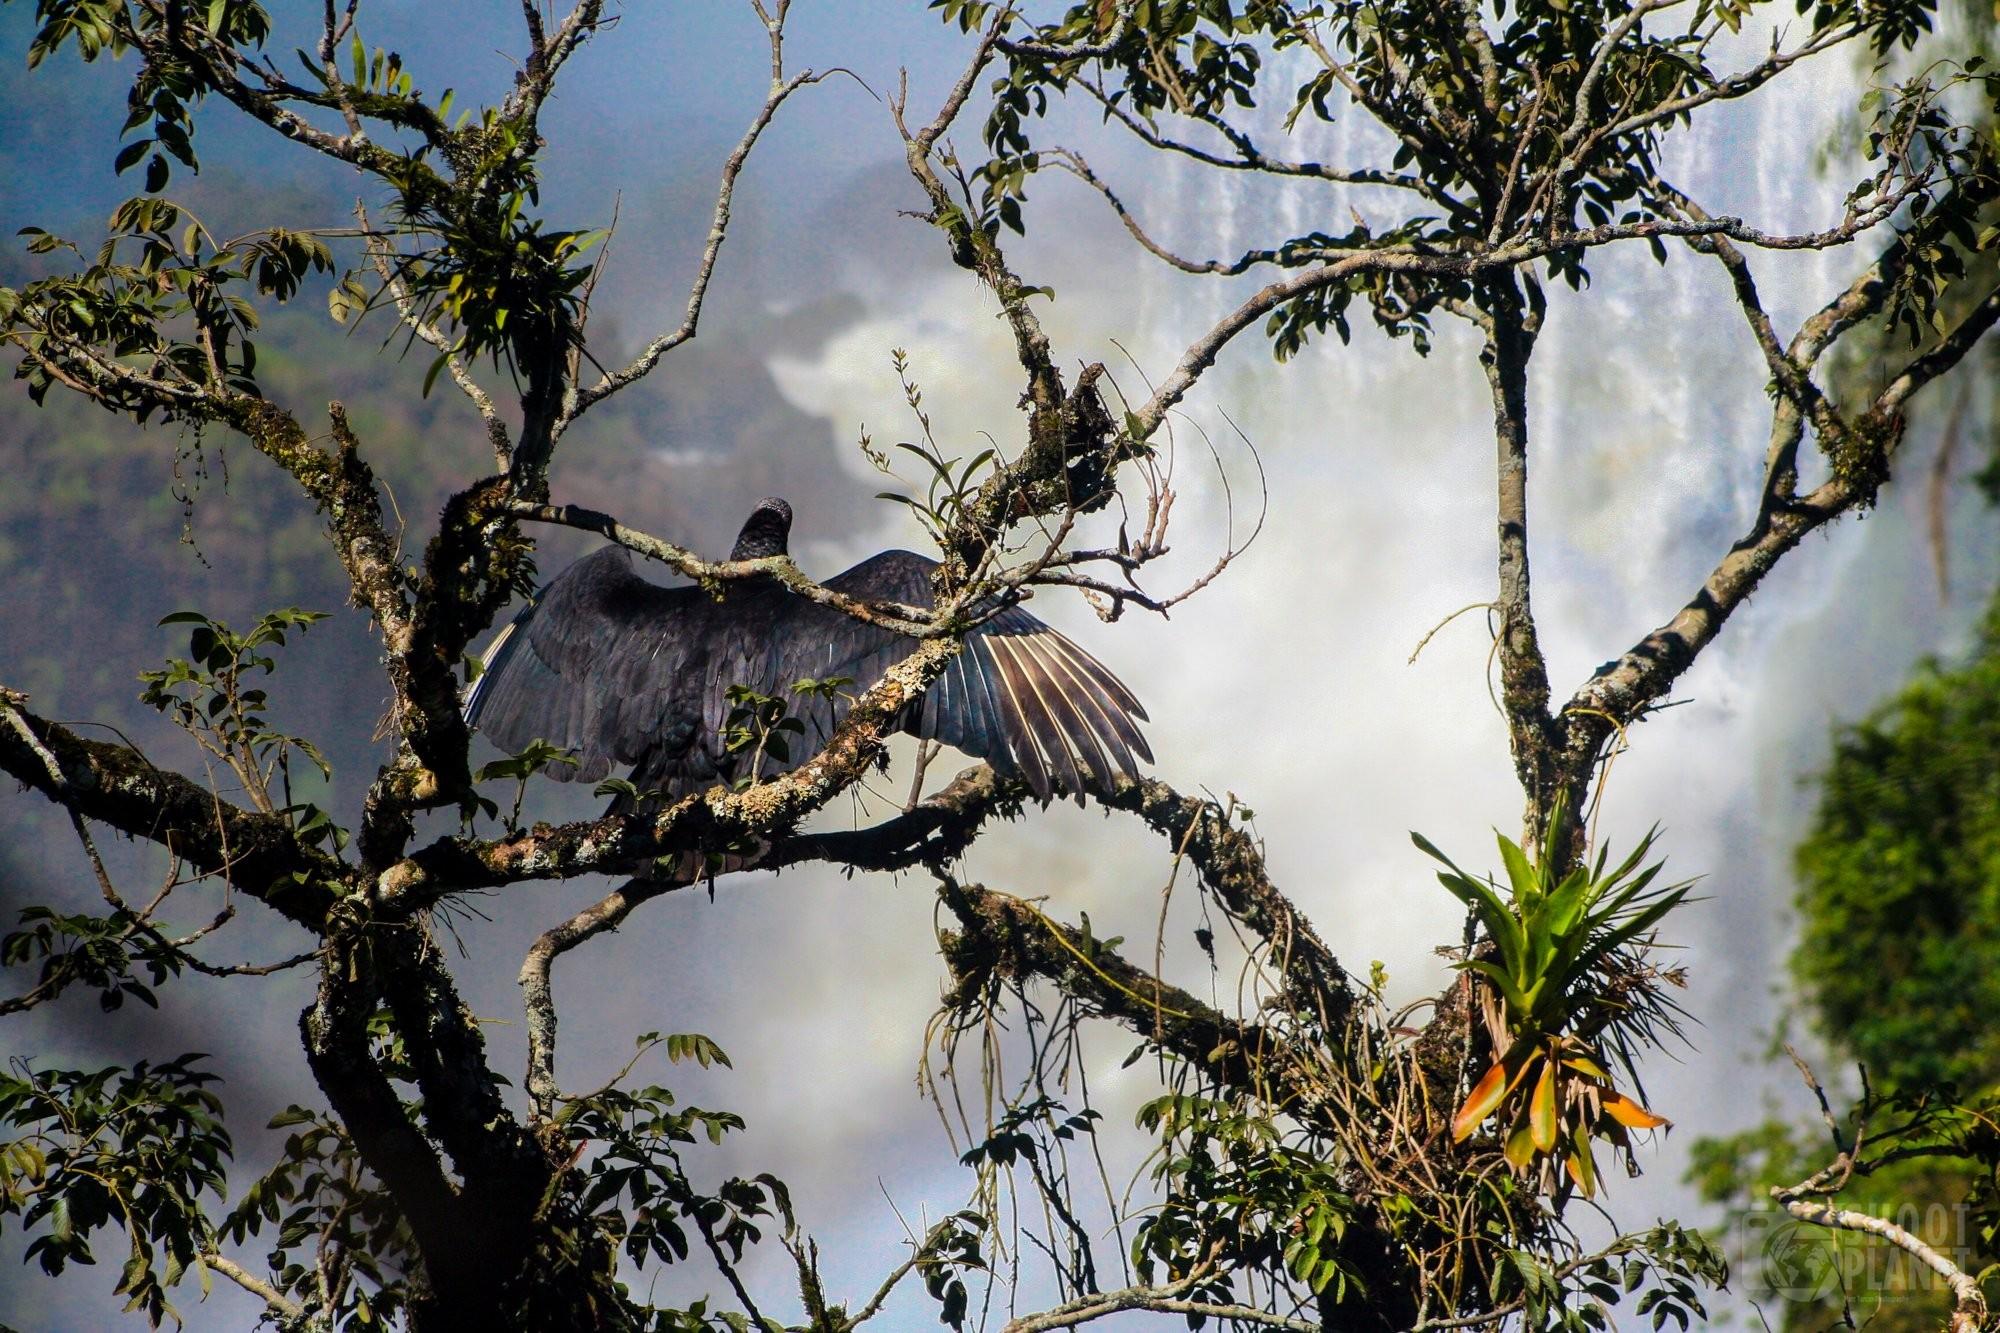 Condor vulture in Iguazu Falls, Brazil